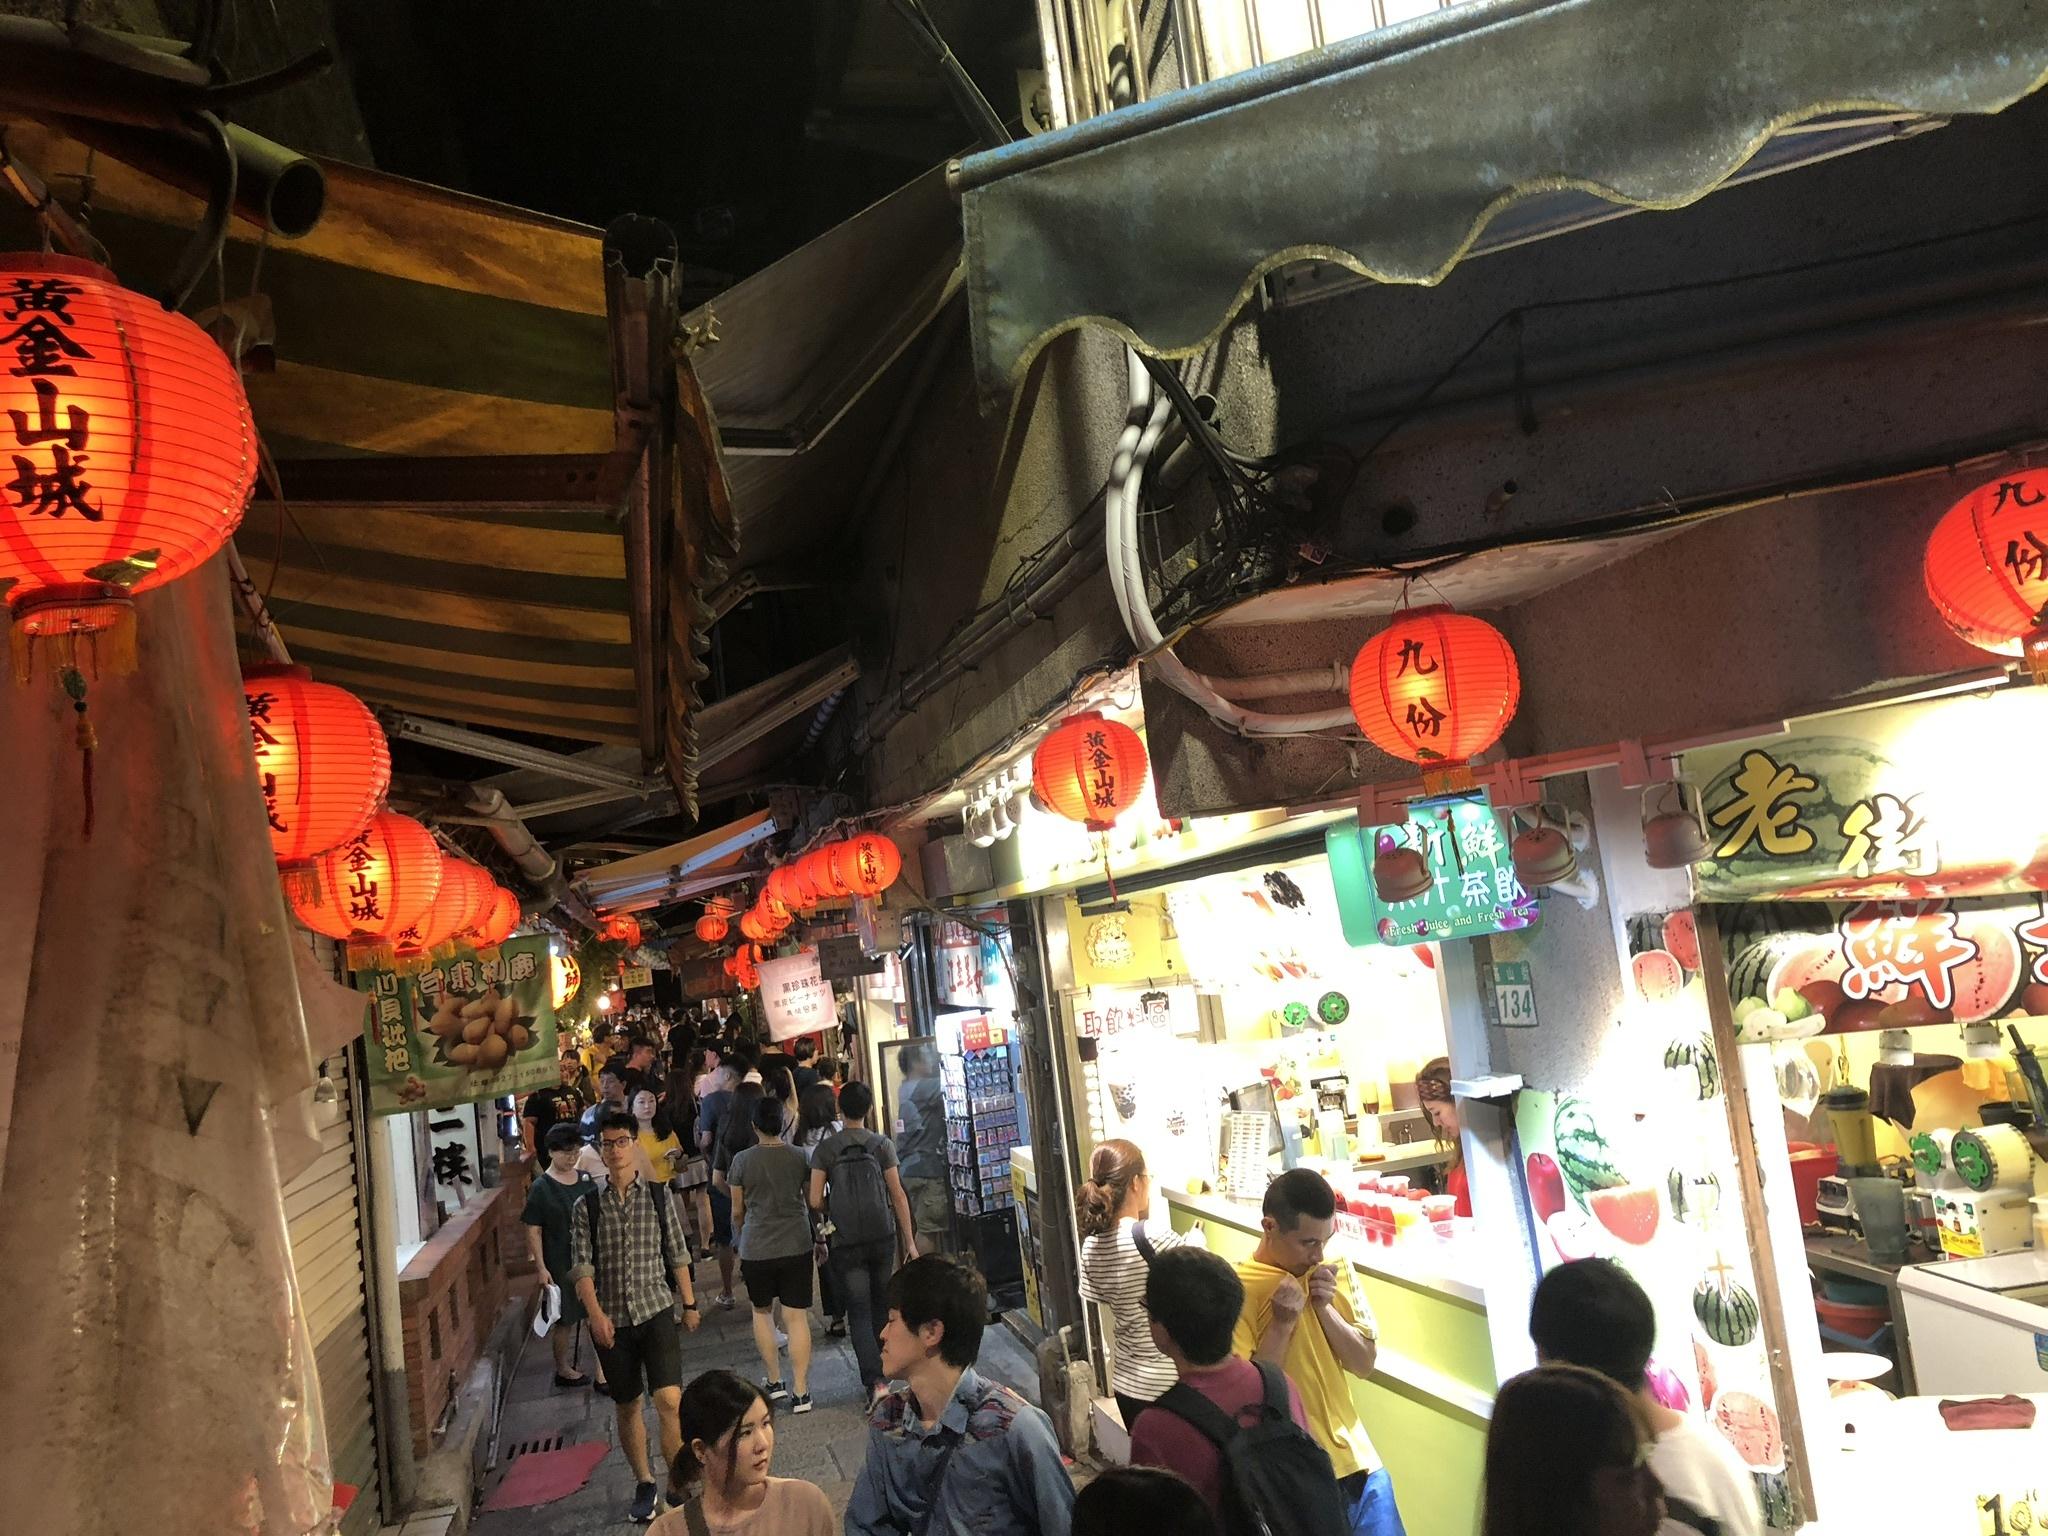 Vol.69♡ 初めての台湾旅行!オススメ観光スポットとグルメ情報♡_1_6-1